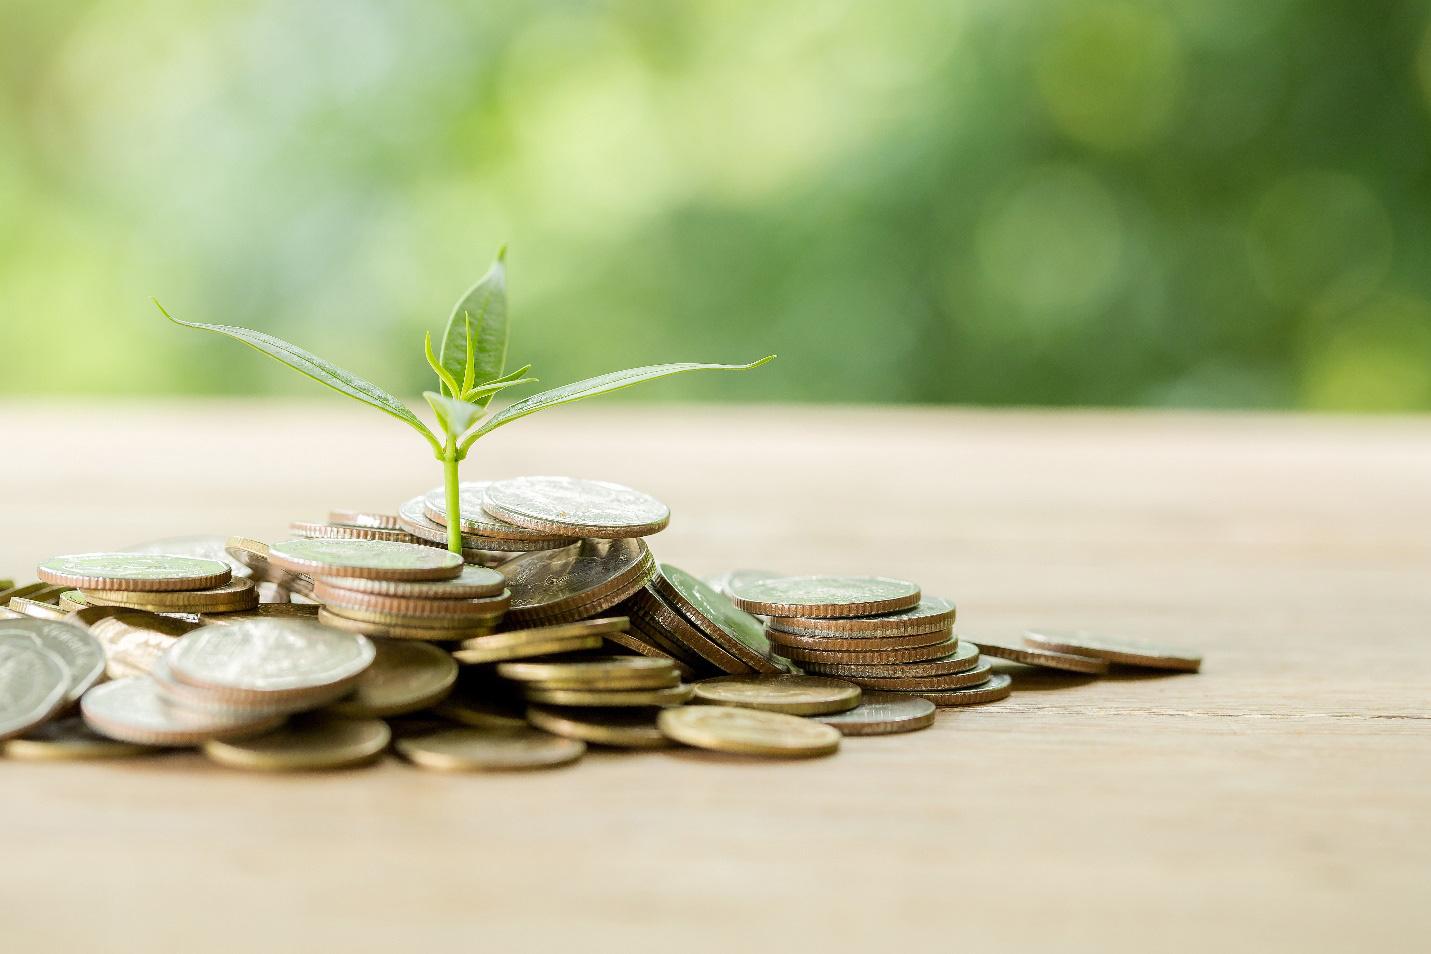 Kiến thức đầu tư: Mua tích sản cổ phiếu nên đầu tư vào đâu?